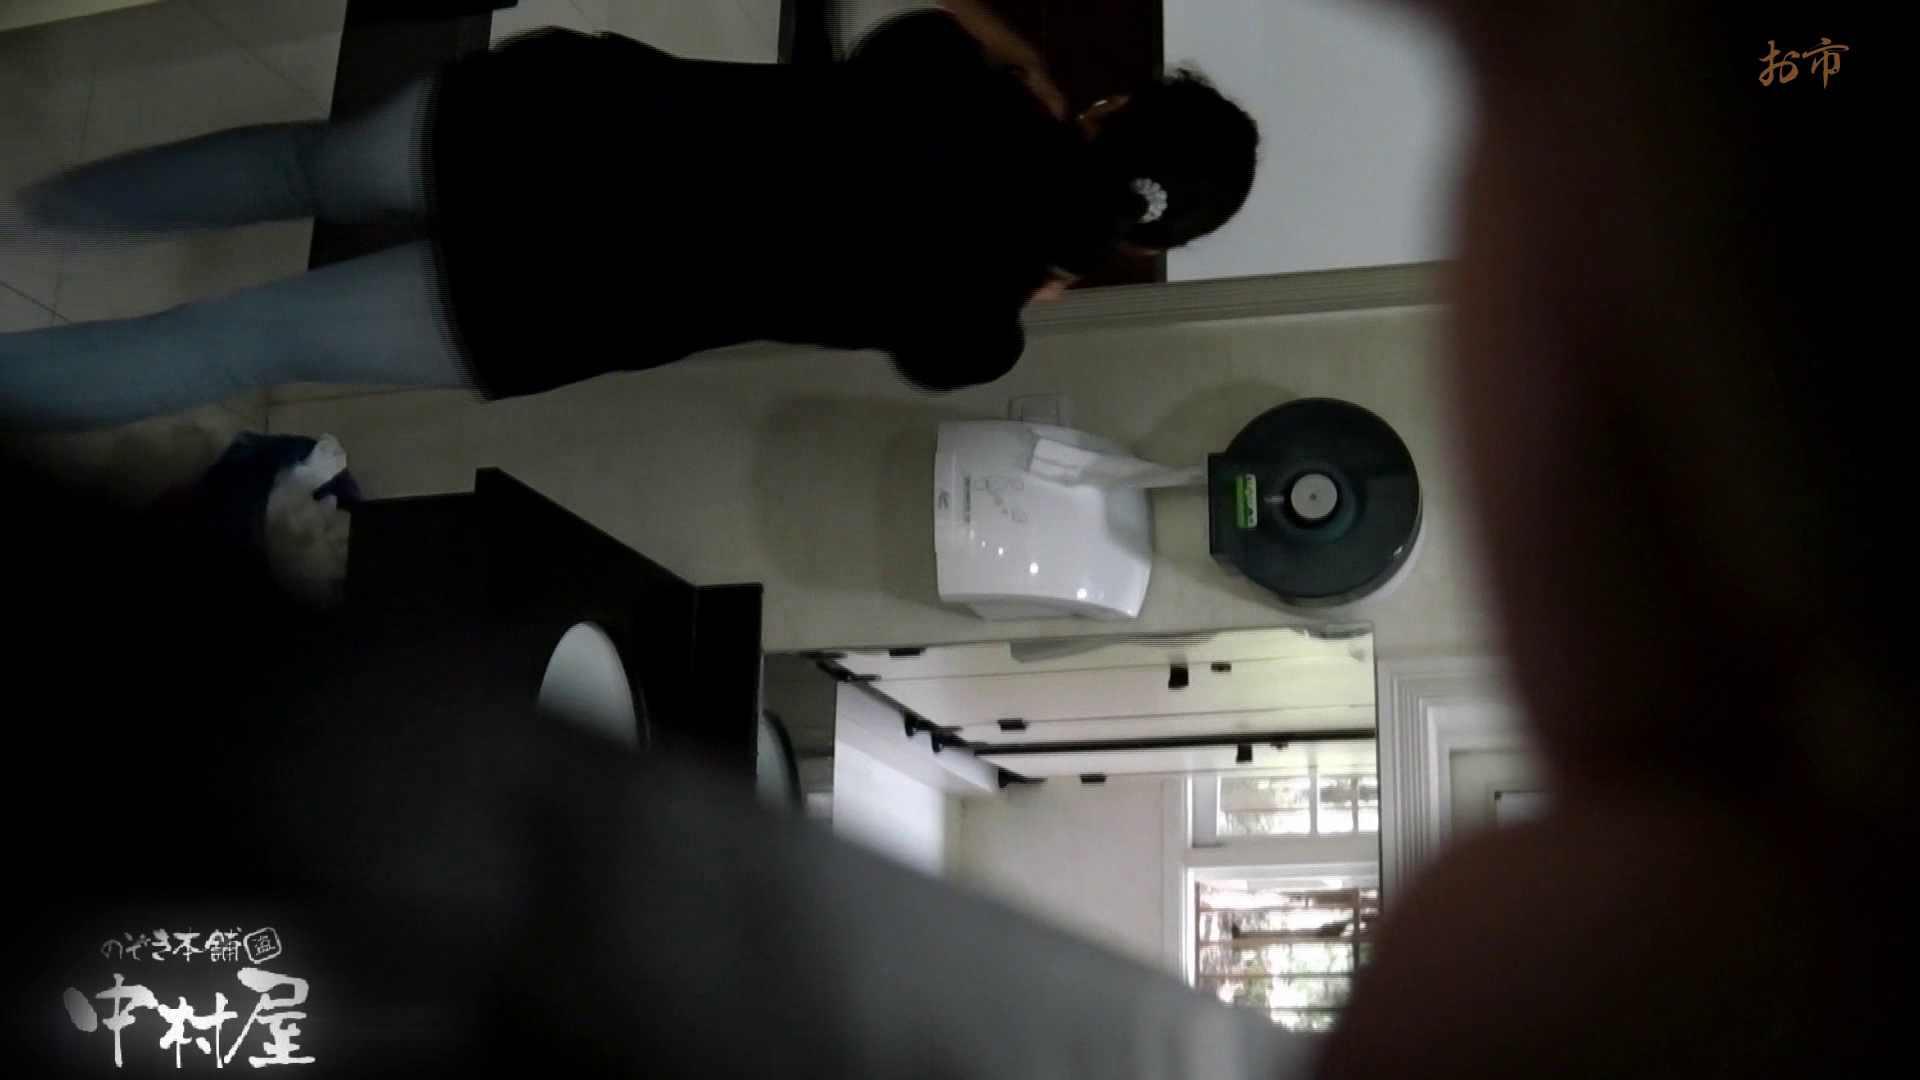 お市さんの「お尻丸出しジャンボリー」No.17 排泄 覗きおまんこ画像 106PICs 85